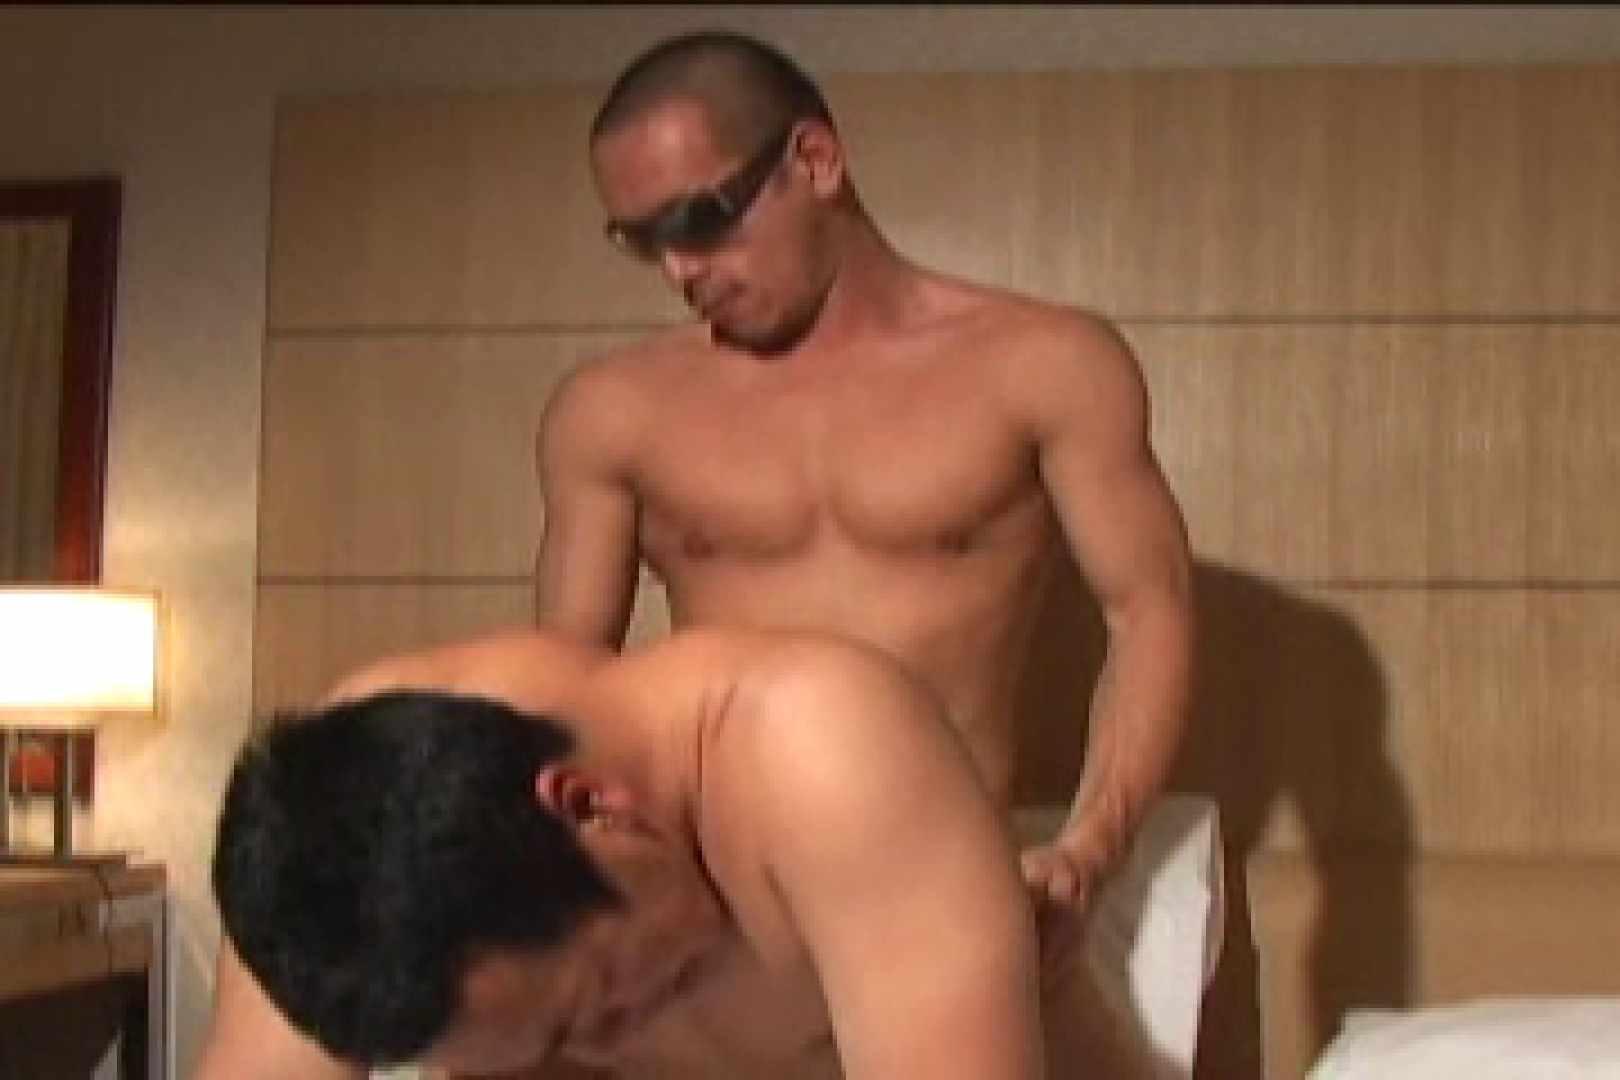 スポMENファック!!反り勃つ男根!!vol.6 イケメンたち ゲイ無料エロ画像 112pic 91